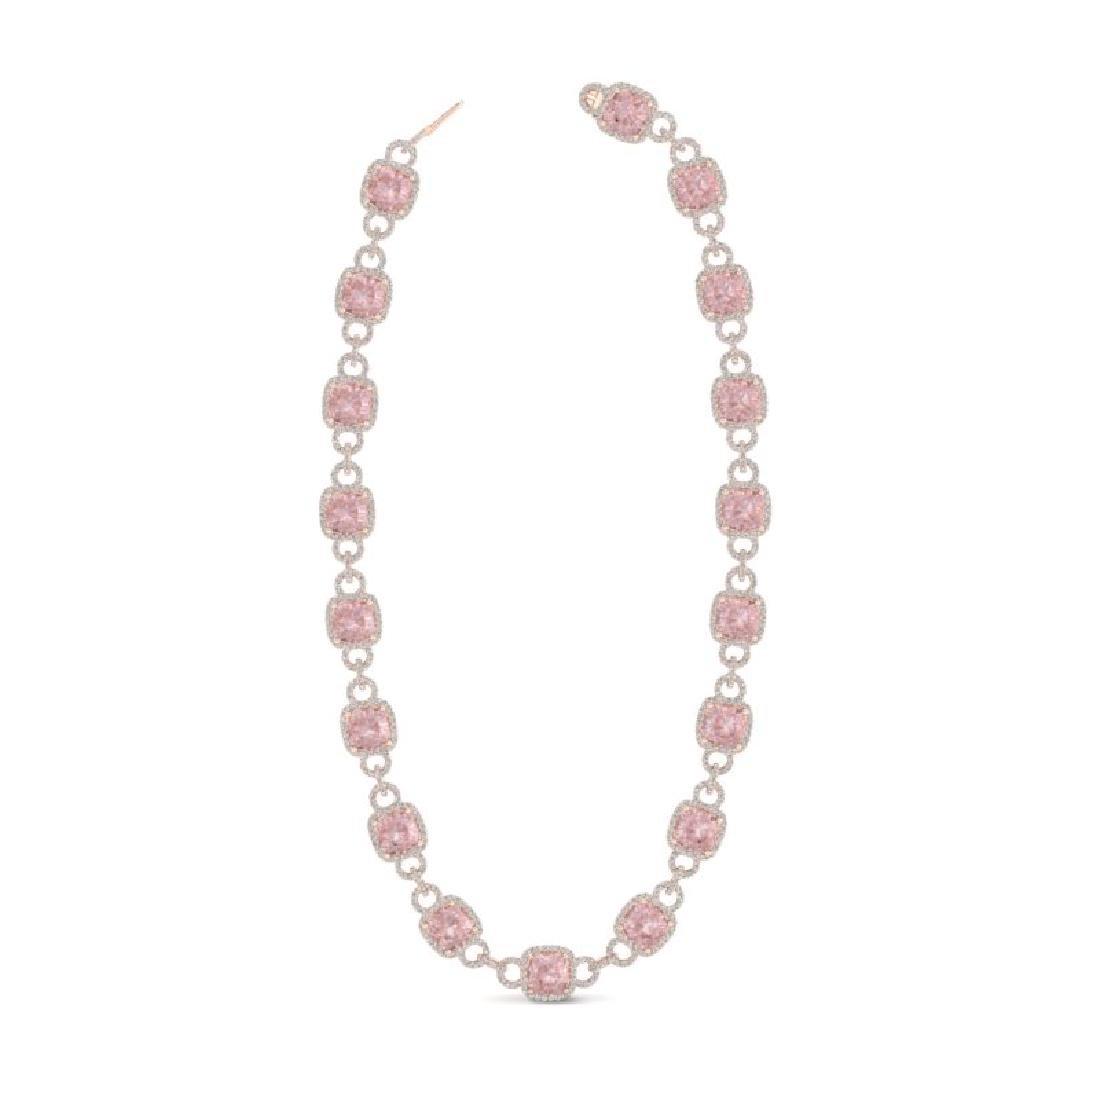 49 CTW Morganite & VS/SI Diamond Necklace 14K Rose Gold